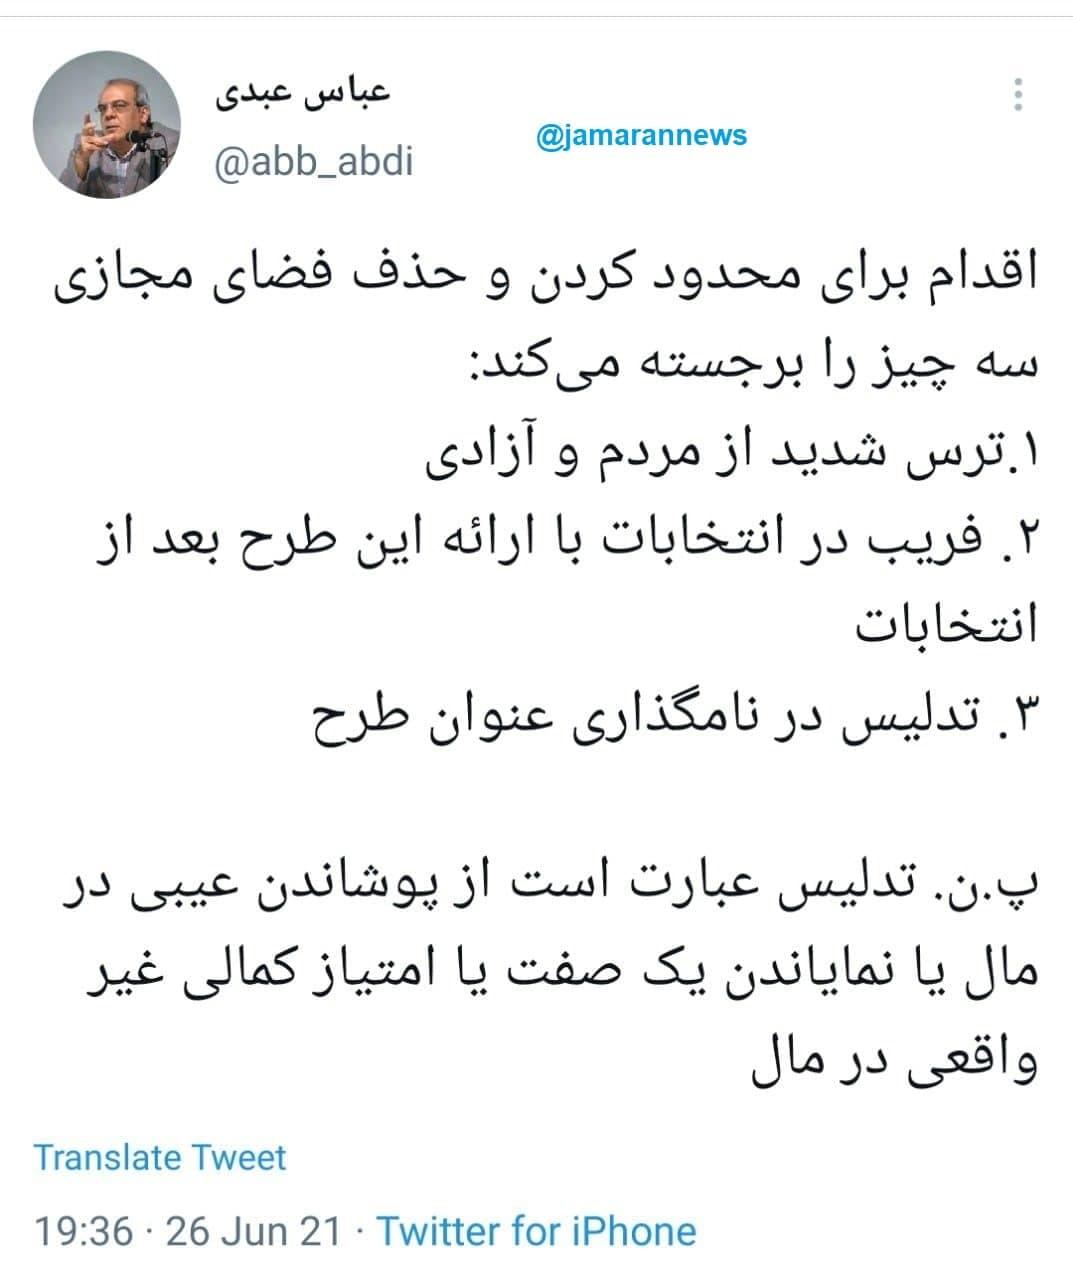 انتقاد عباس عبدی از طرح مجلس برای محدود کردن اینترنت